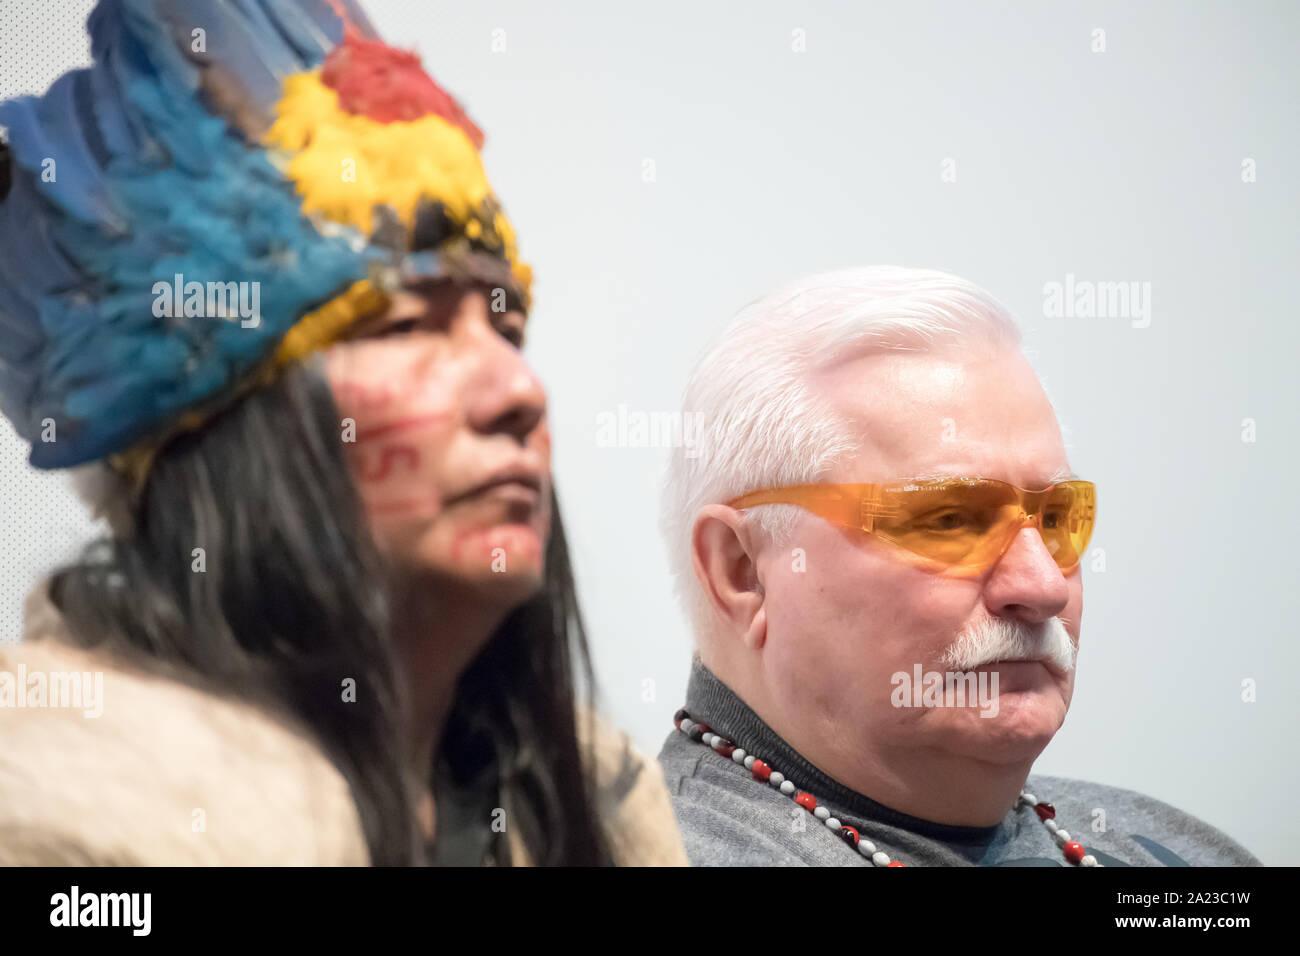 Manari Ushigua, le chef de la nation, Sápara et Lech Walesa à Gdansk, Pologne. 29 septembre 2019 © Wojciech Strozyk / Alamy Stock Photo Banque D'Images